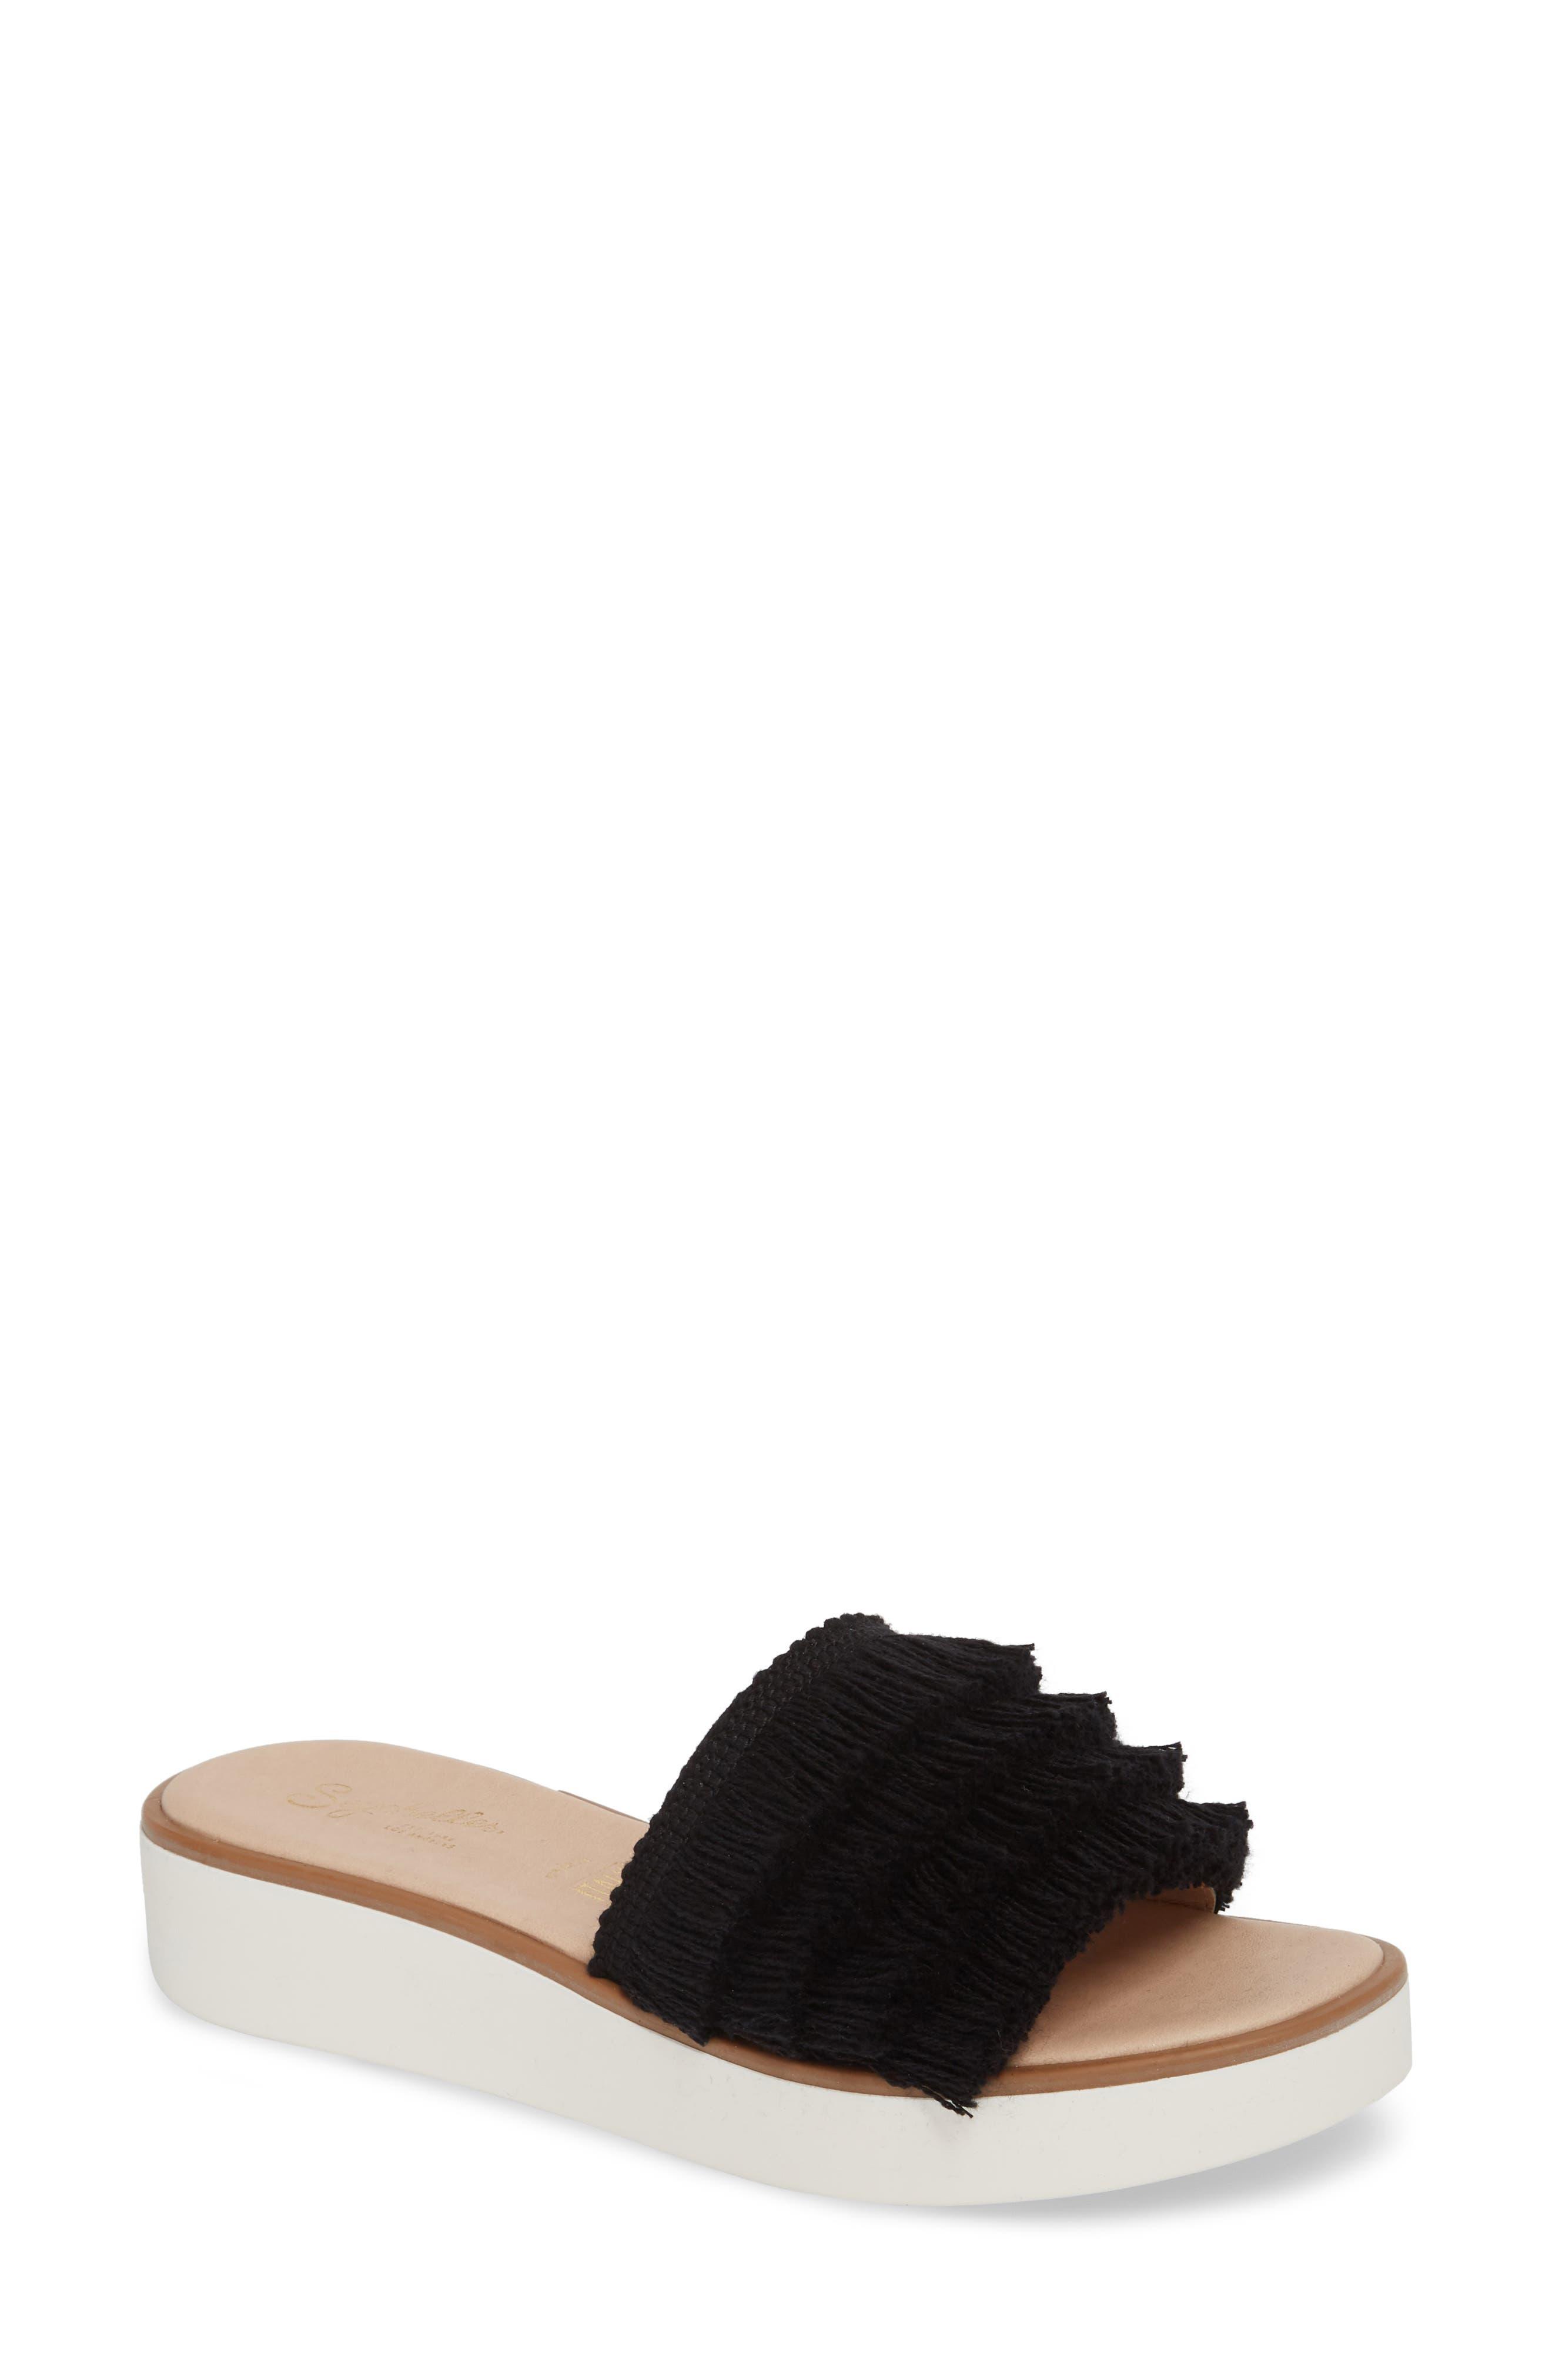 Women's Well Rested Slide Sandal